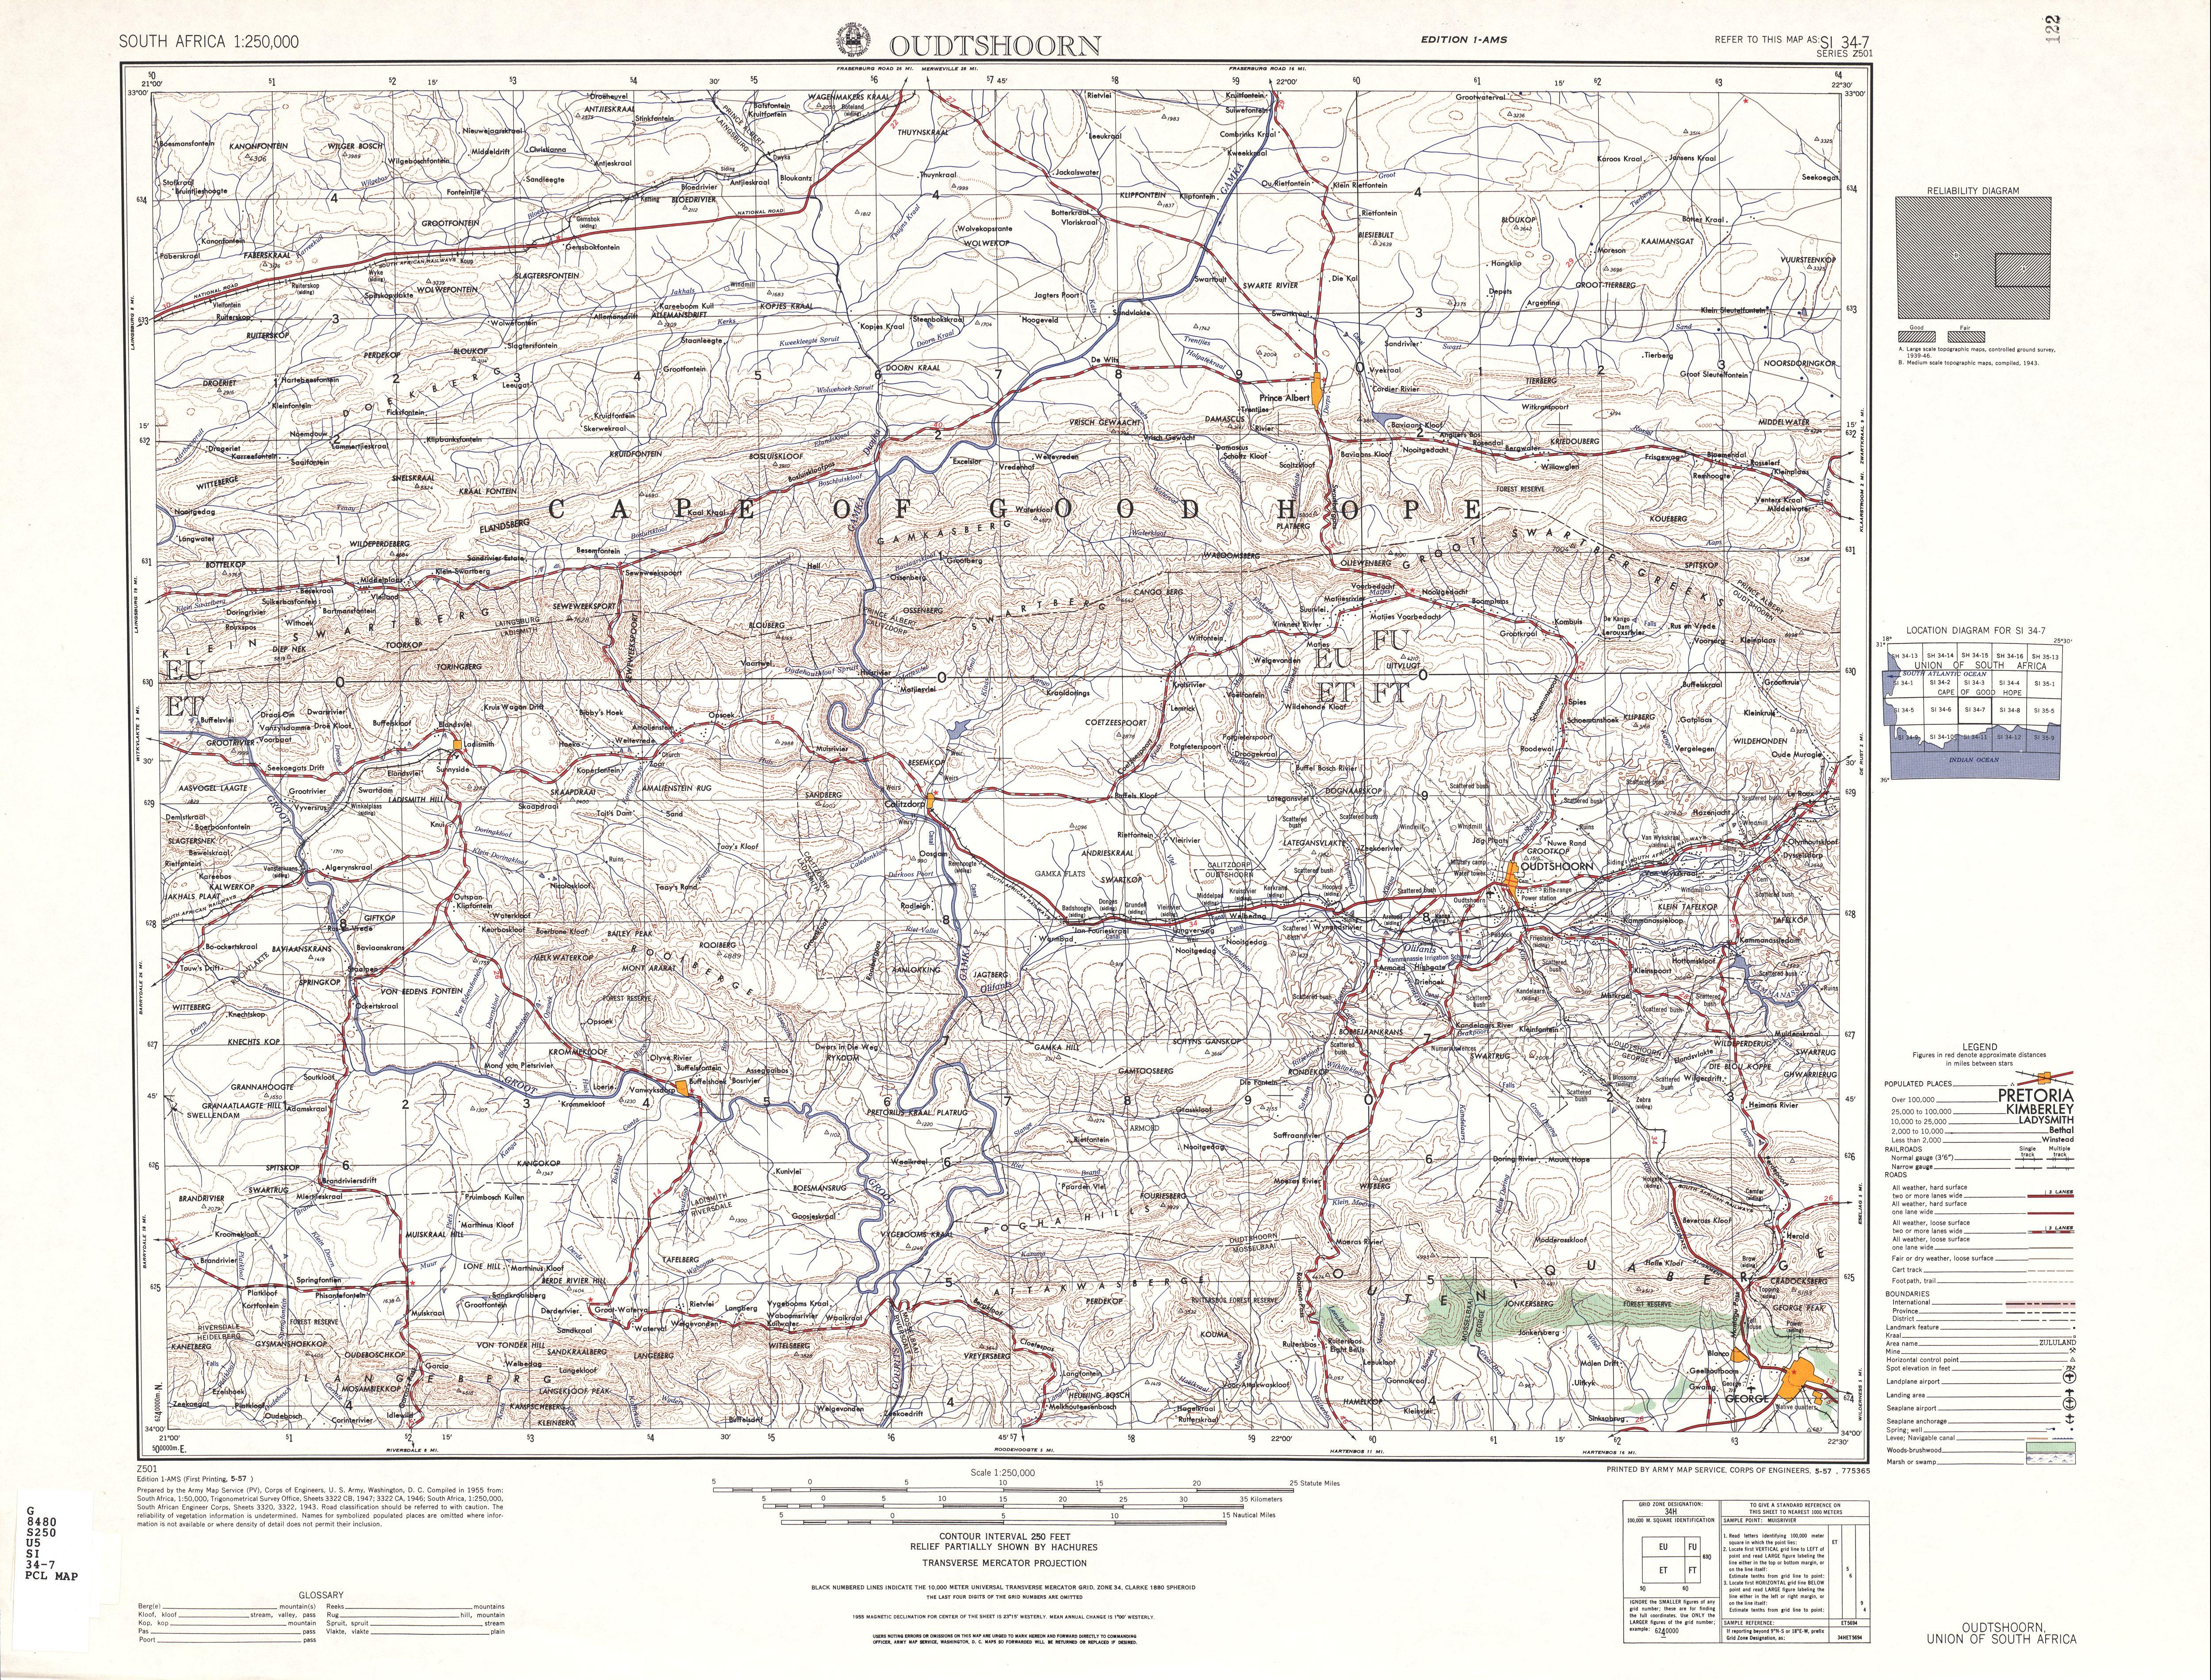 Hoja Oudtshoorn del Mapa Topográfico de África Meridional 1954